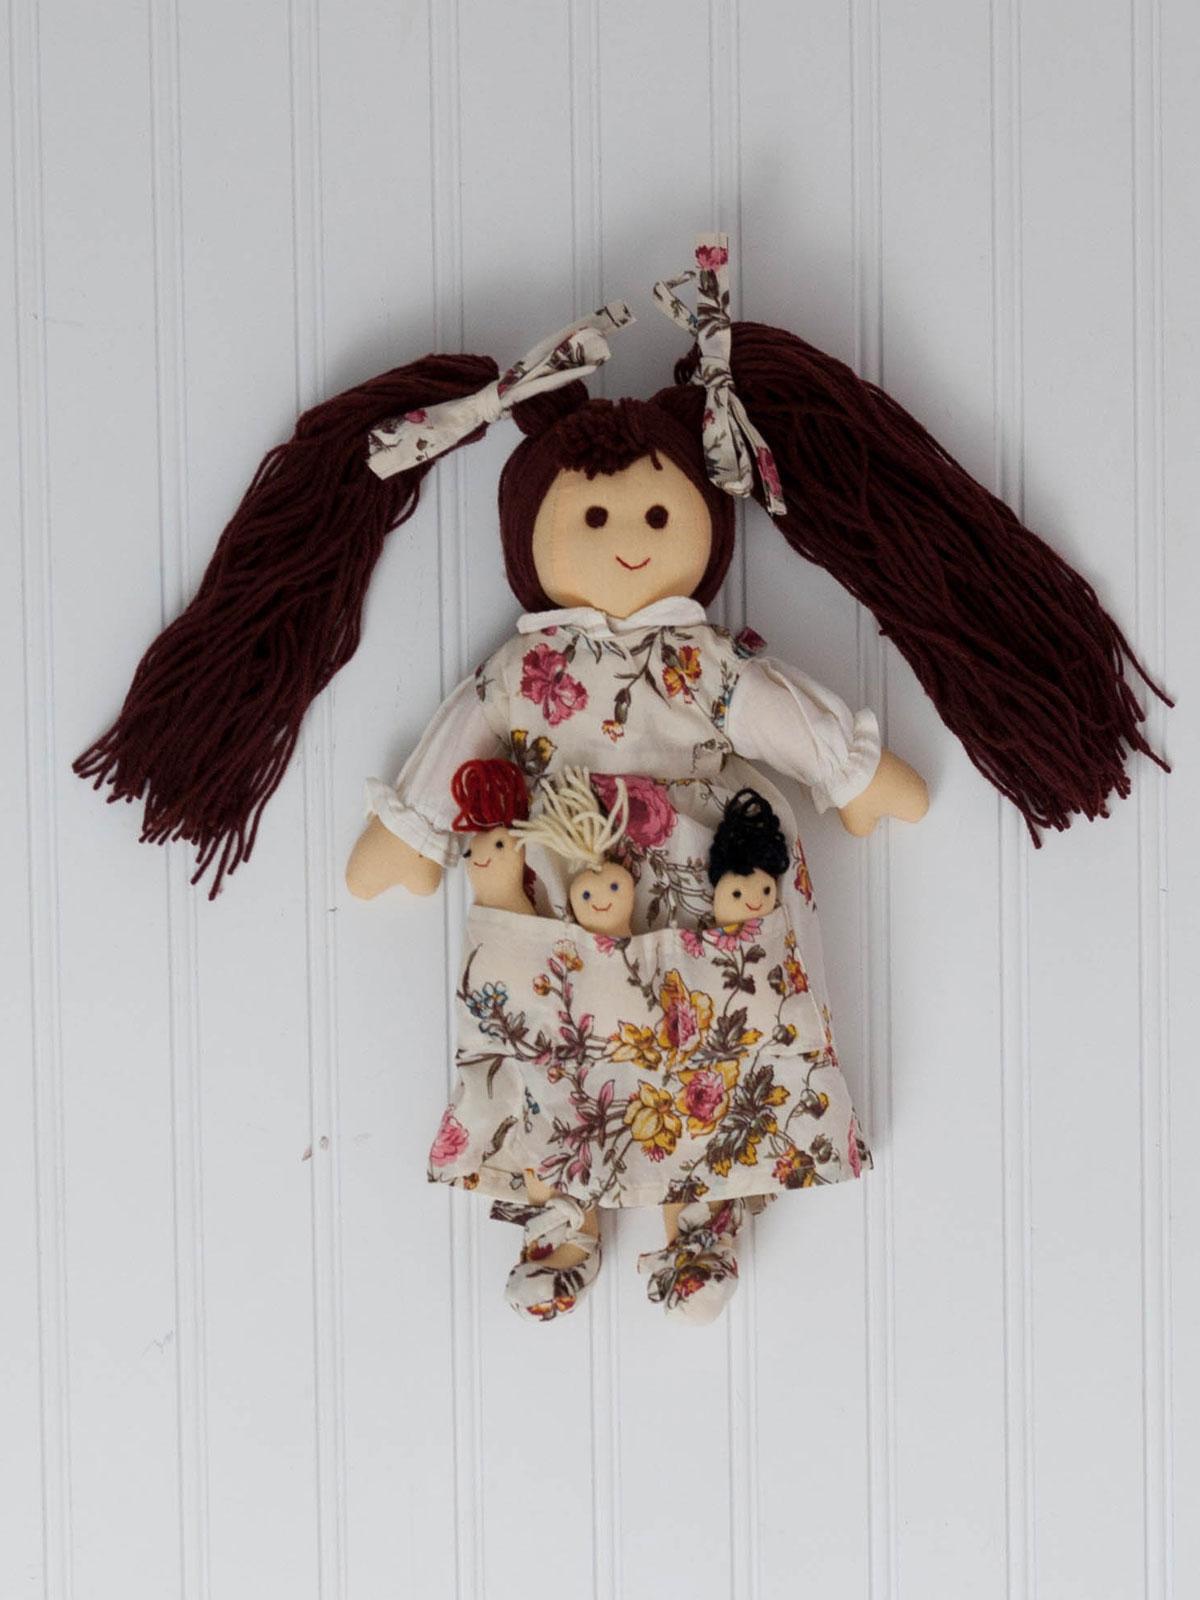 Annalouise Doll